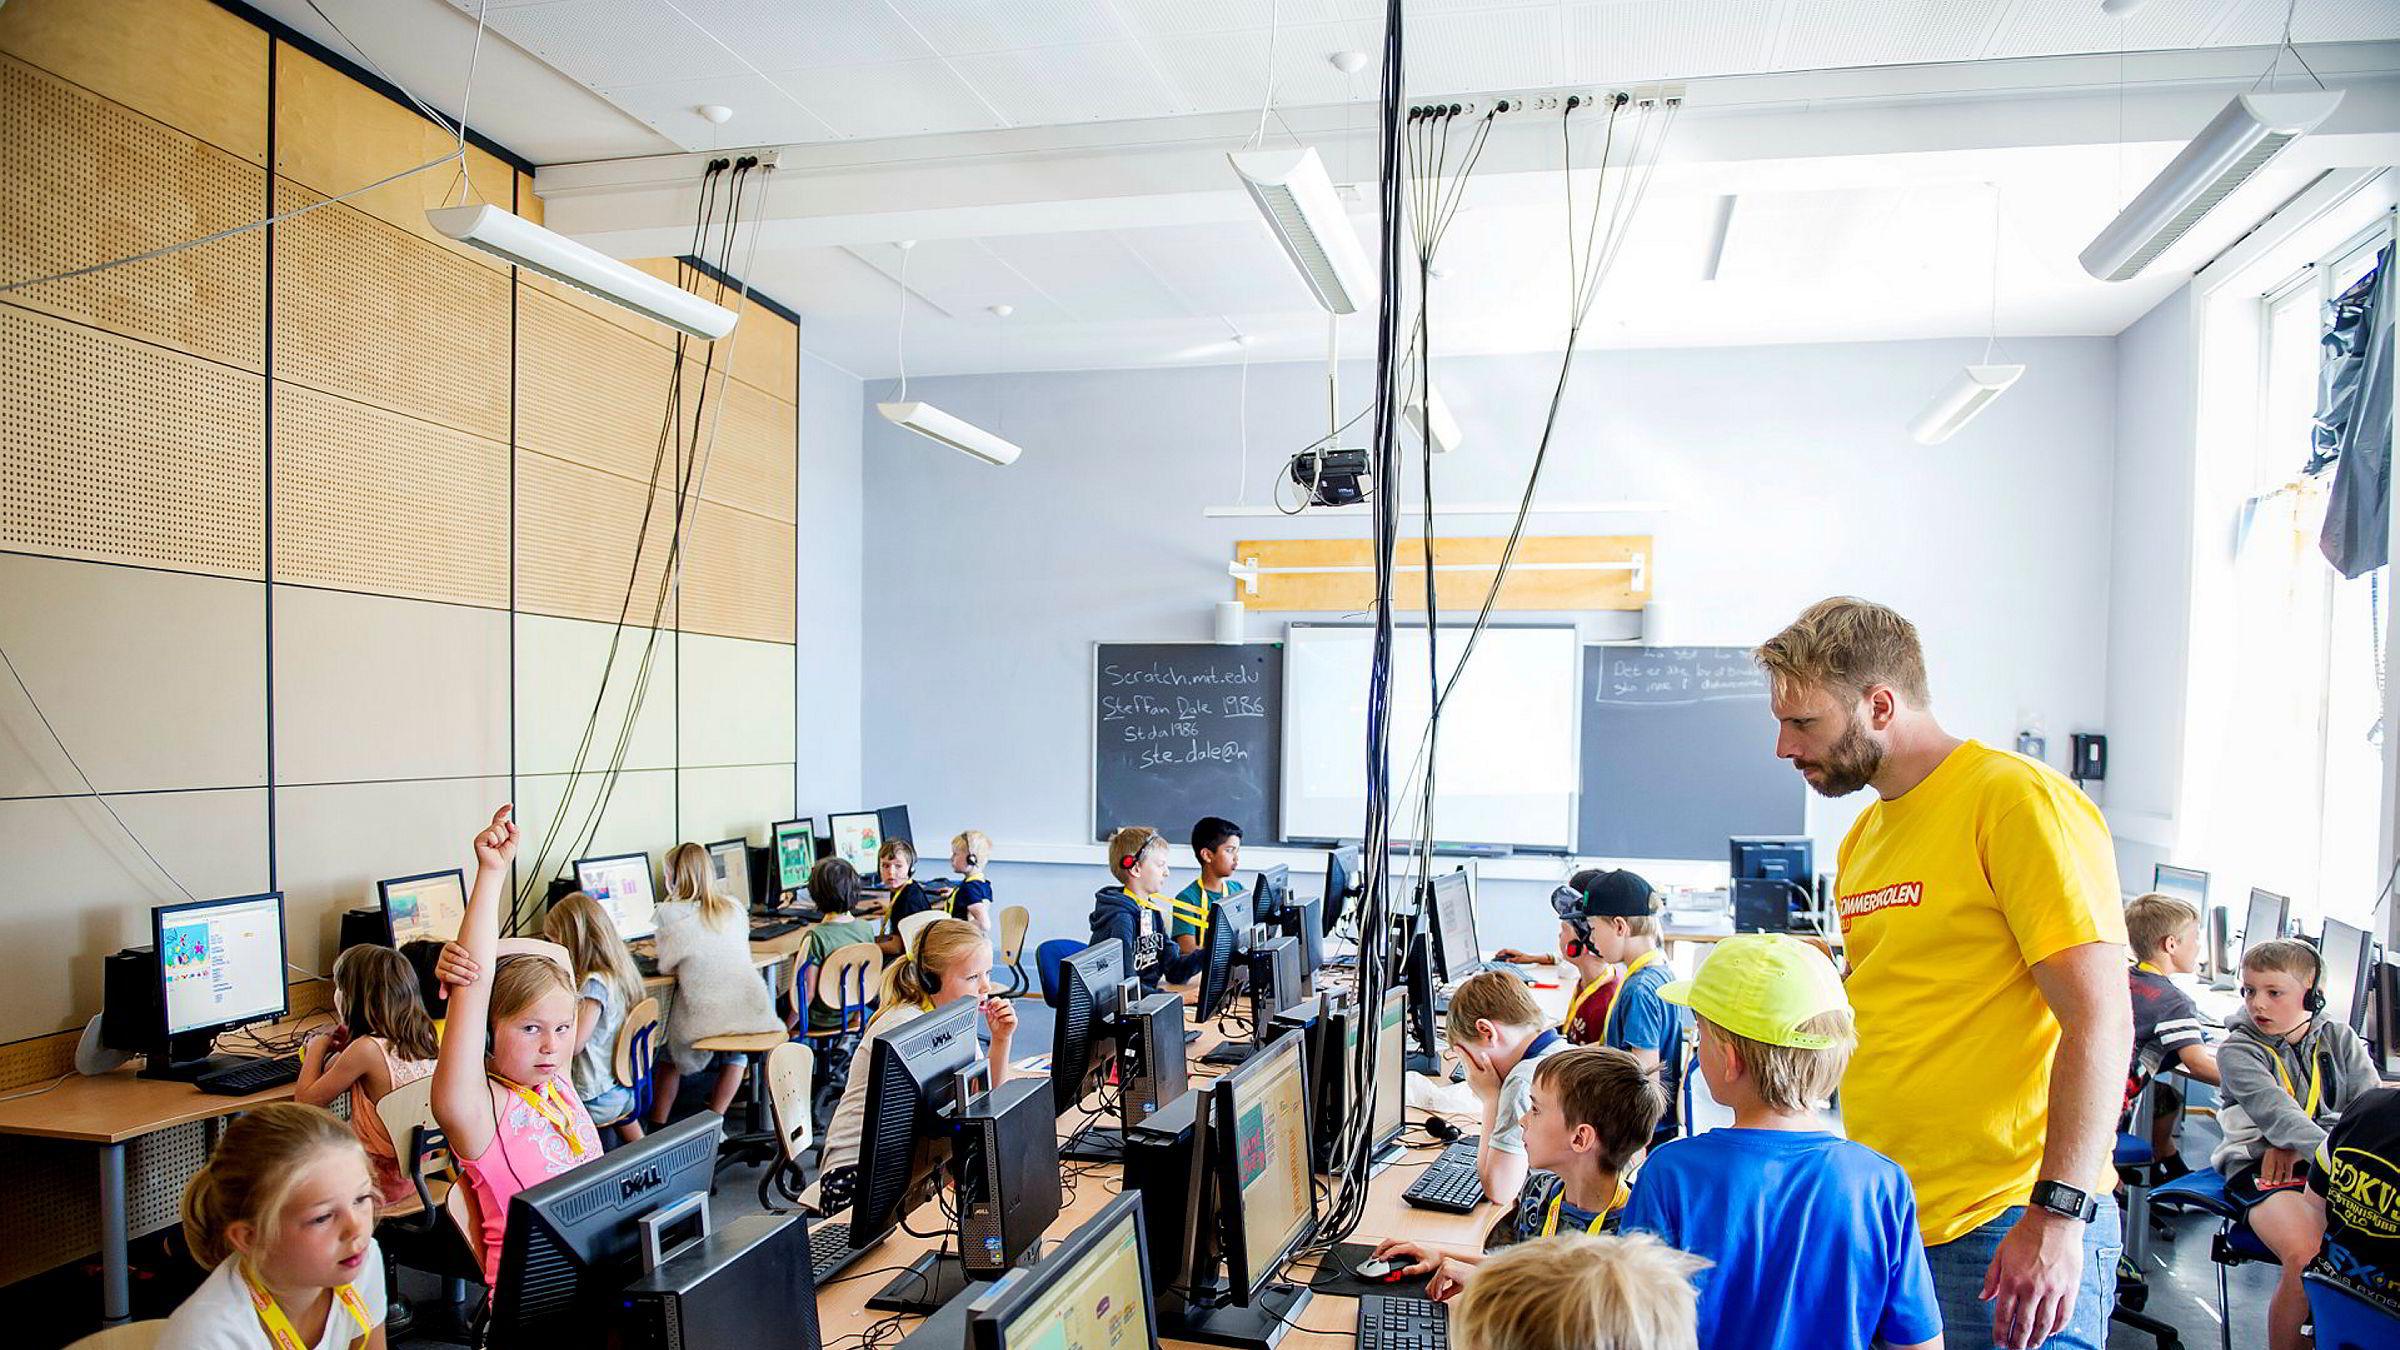 Svært mange lærere trenger å lære de grunnleggende prinsippene for programmering, samt å få faglige opplegg som fungerer godt i klasserommet, skriver artikkelforfatteren. Her fra sommerskolens kodekurs for 3. og 4. klasse på Kampen skole i Oslo.